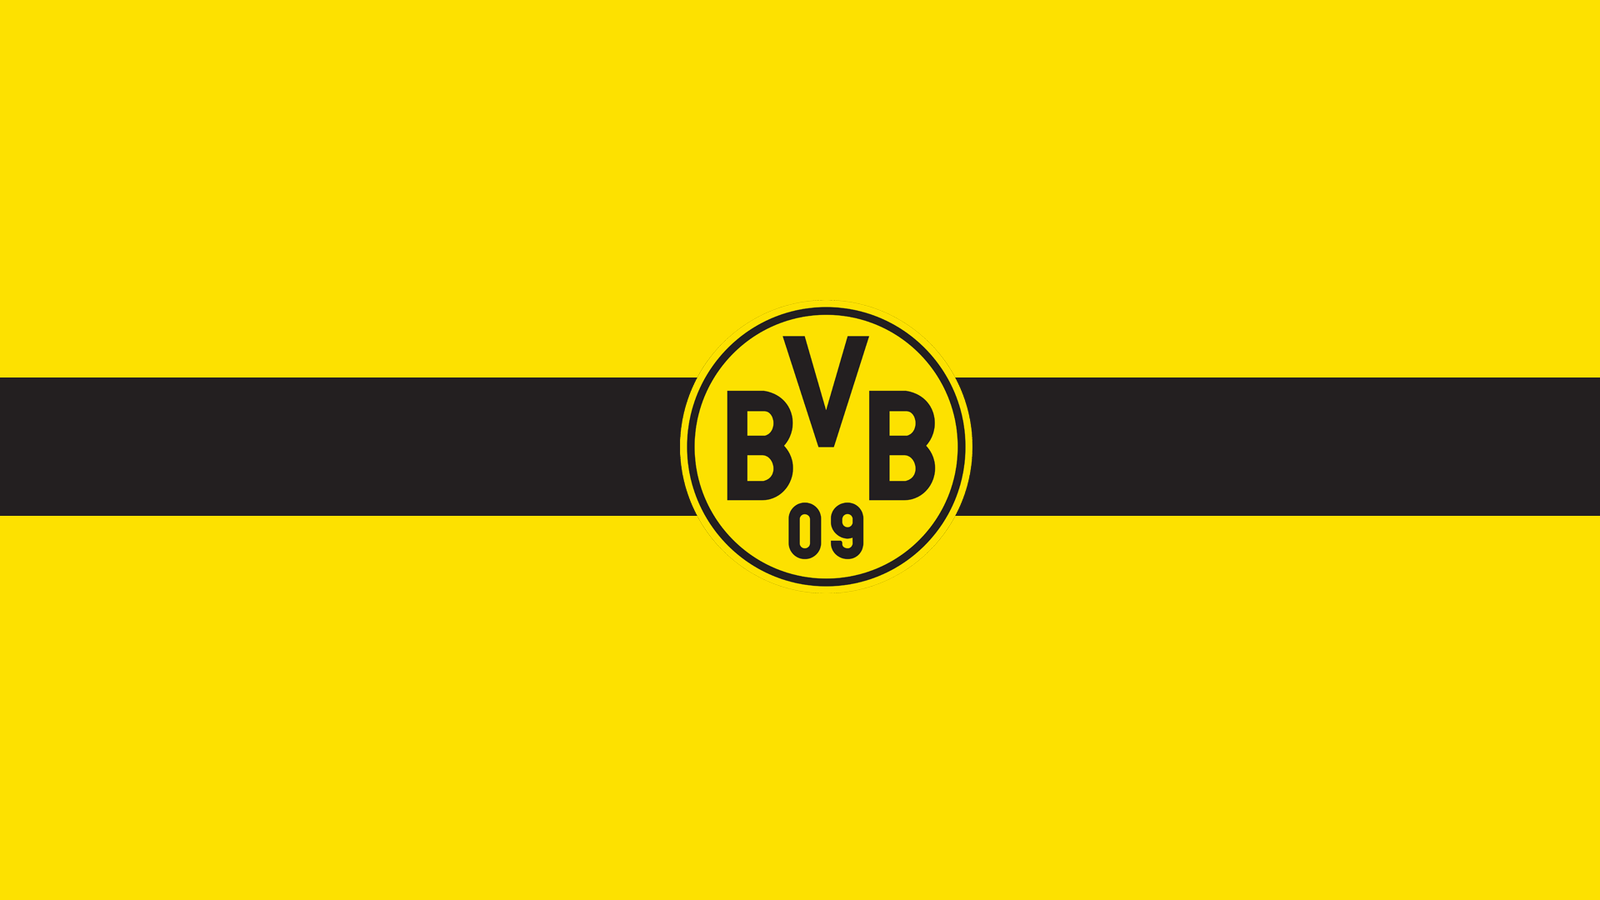 Borussia Dortmund Wallpapers Hd Full Hd Pictures Borussia Dortmund Wallpaper Borussia Dortmund Dortmund